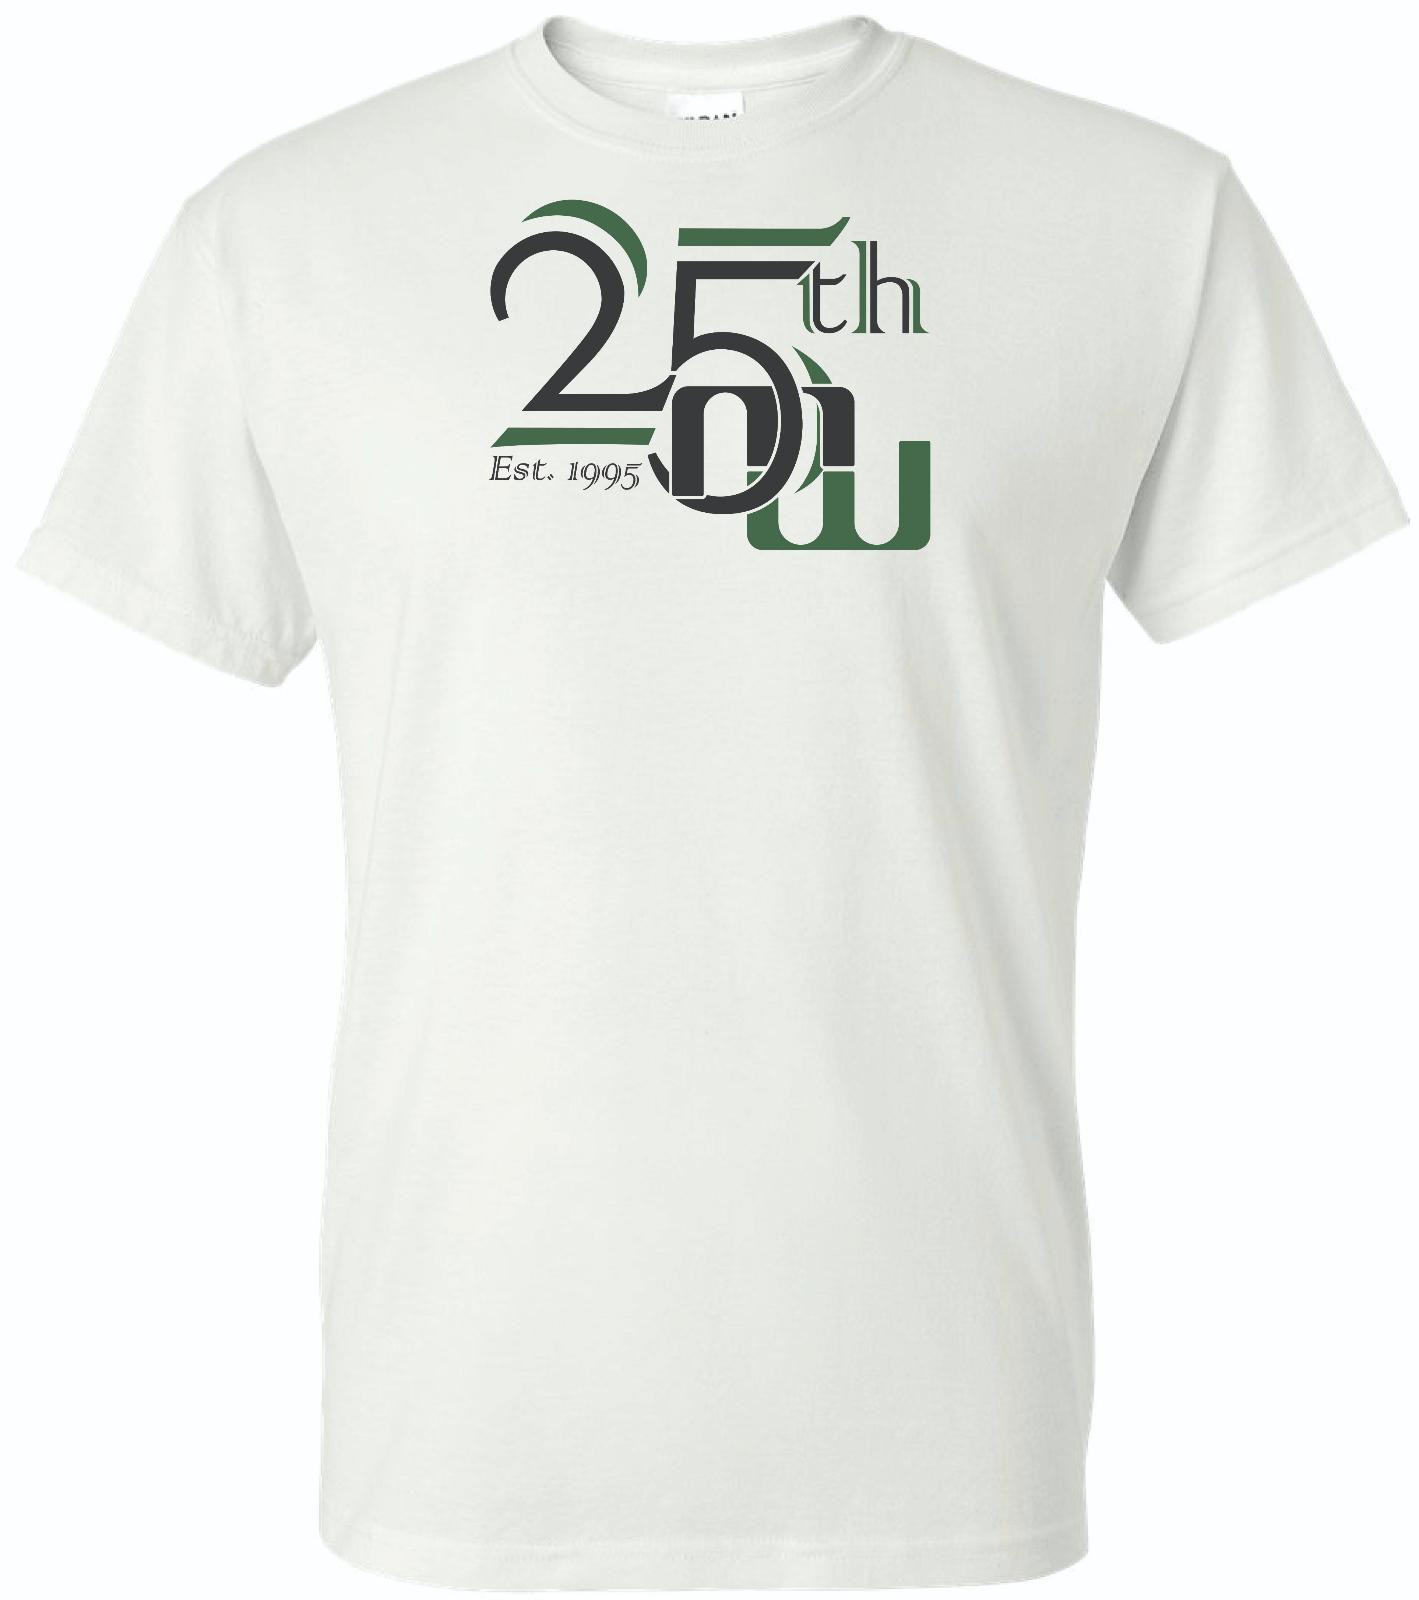 25th School Year Shirts